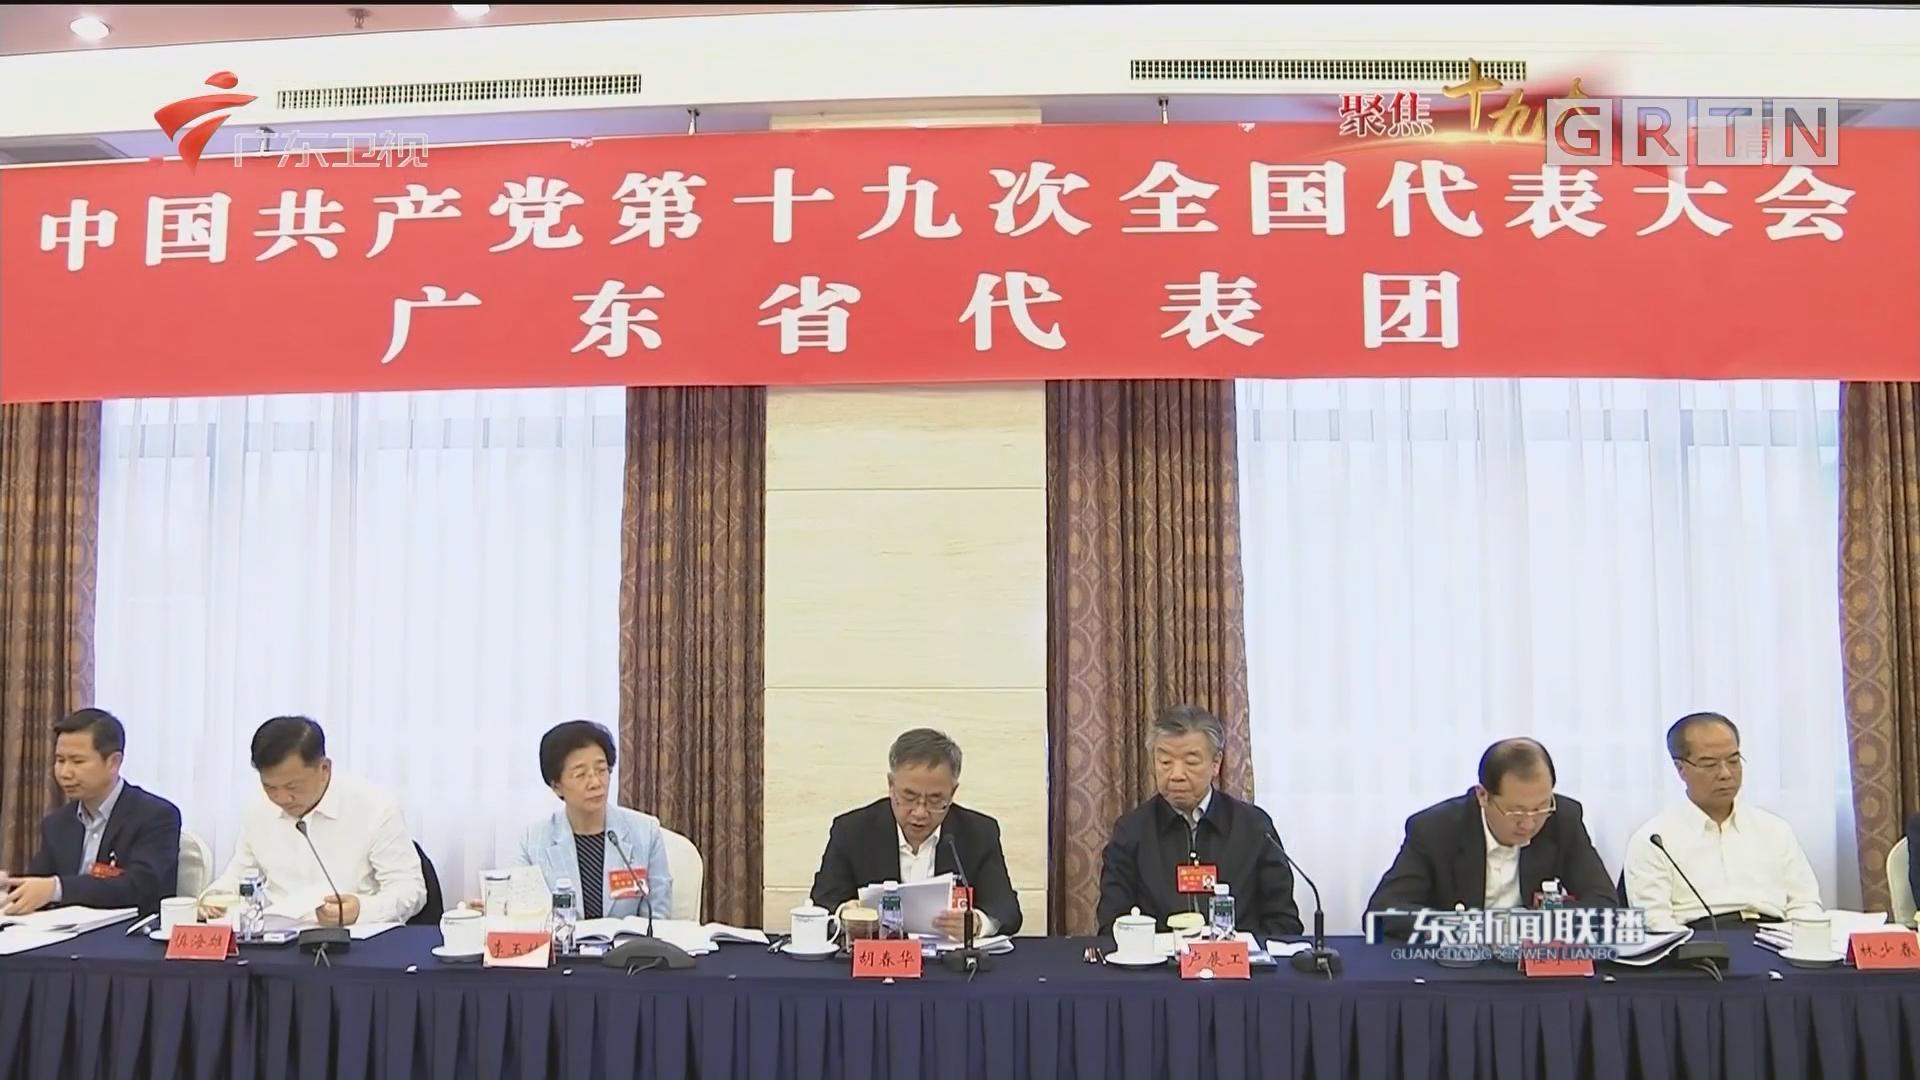 广东代表团举行分组会议讨论报告